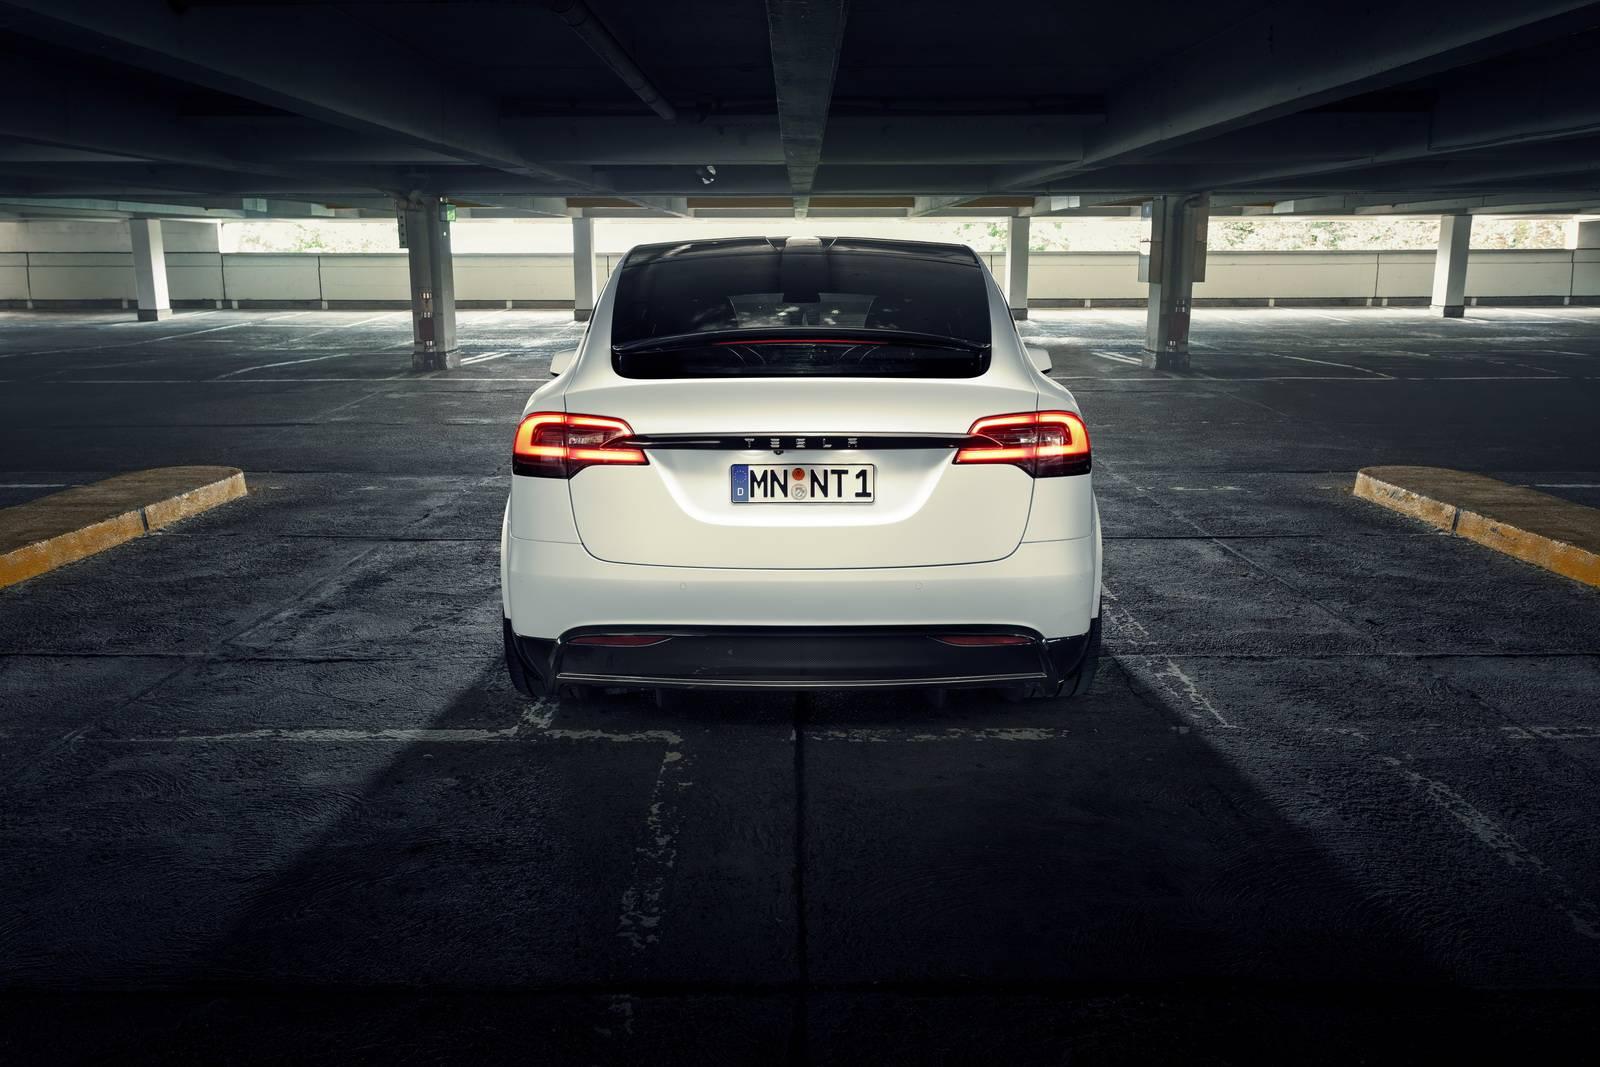 Тюнинг-ателье Novitec только что показало Novitec Tesla Model X, впервые демонстрируя как немецкий тюнер преображает полностью электрический автомобиль.